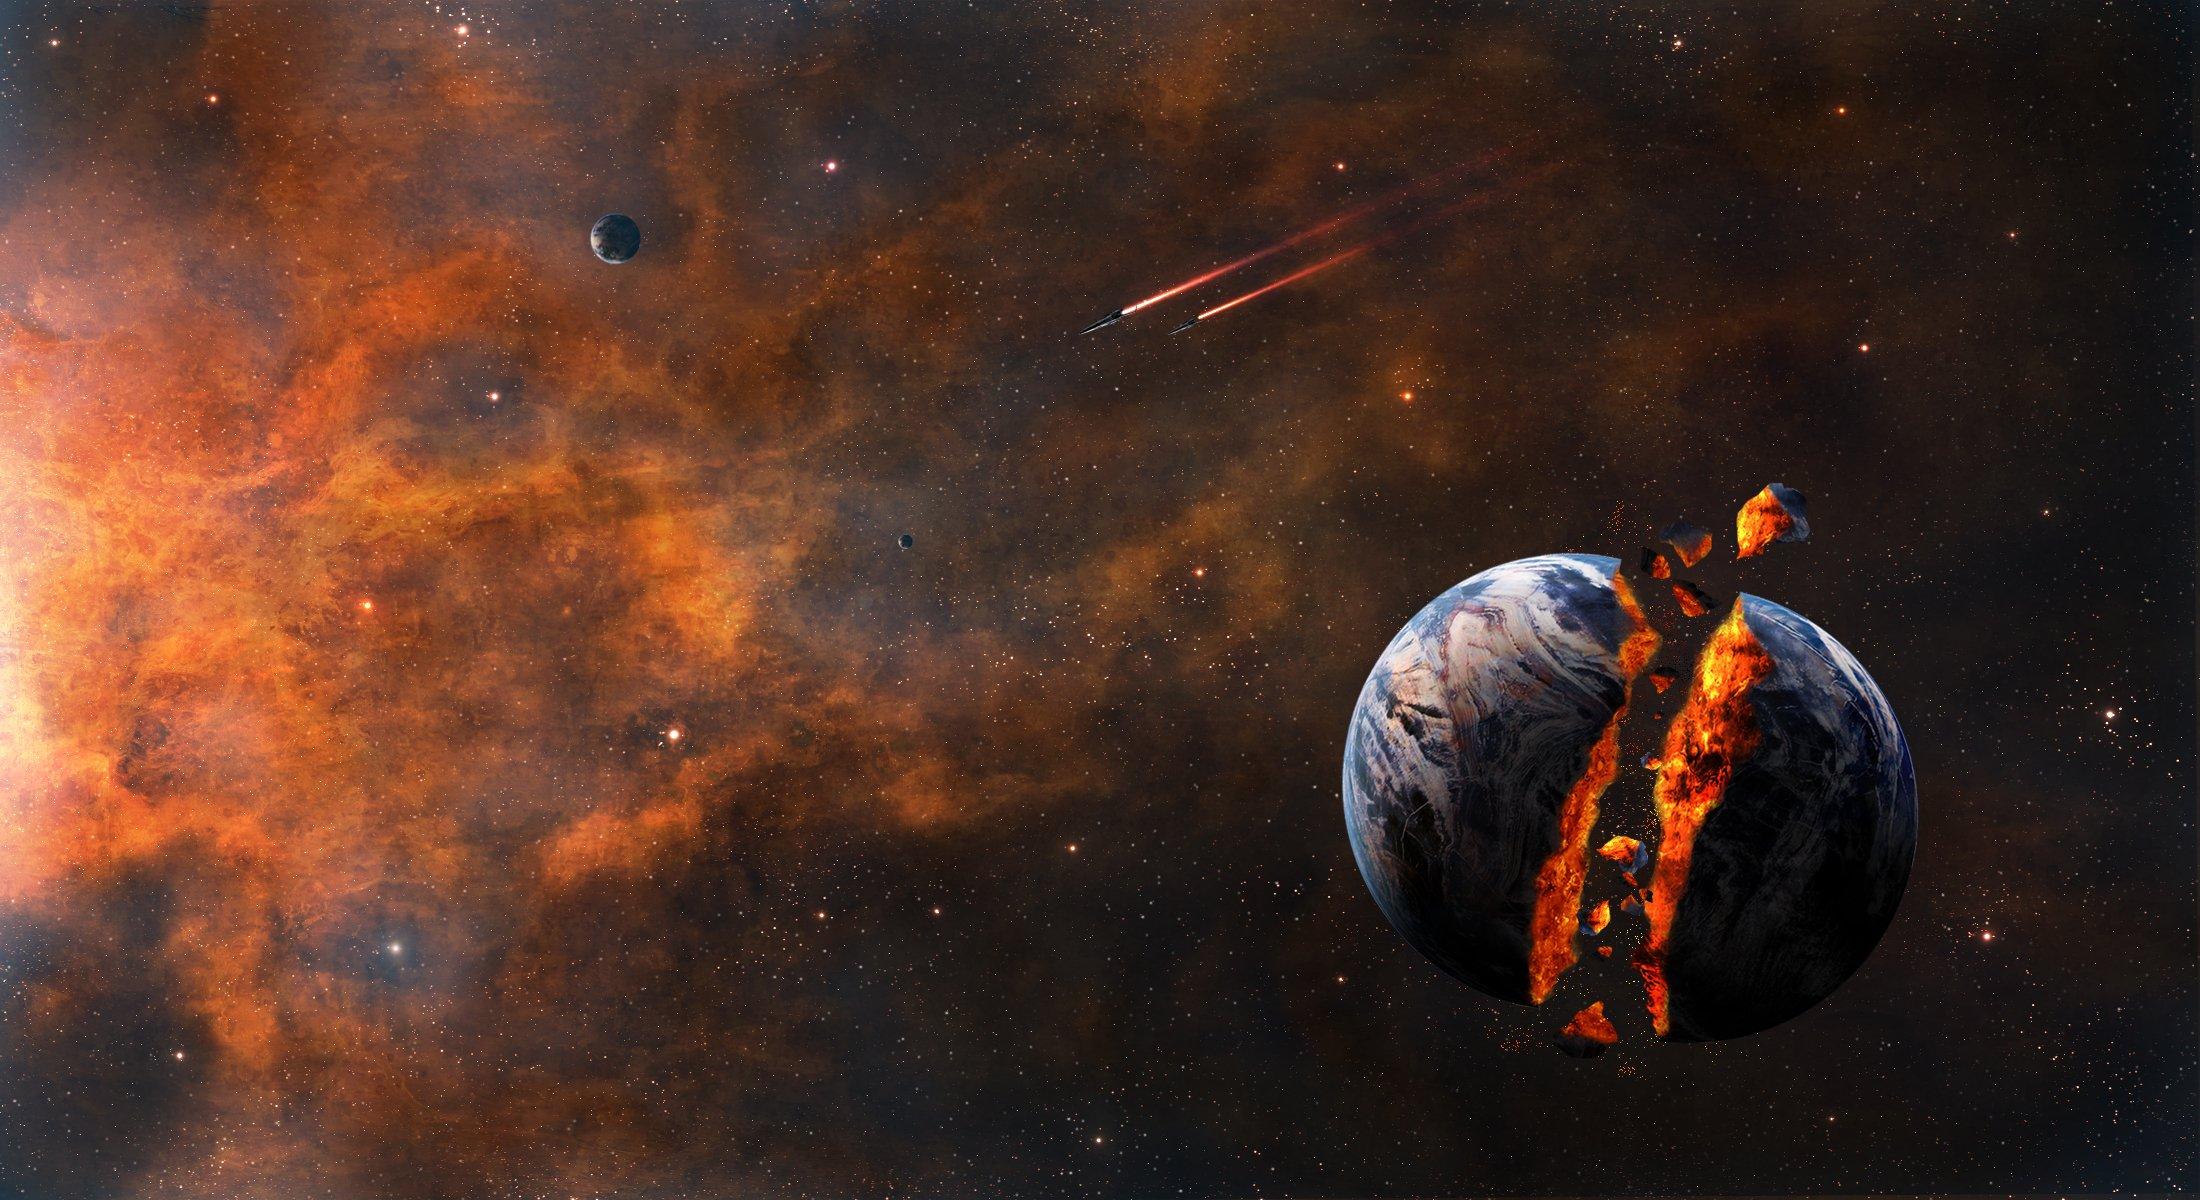 Обои Ужасающий космос картинки на рабочий стол на тему Космос - скачать без смс